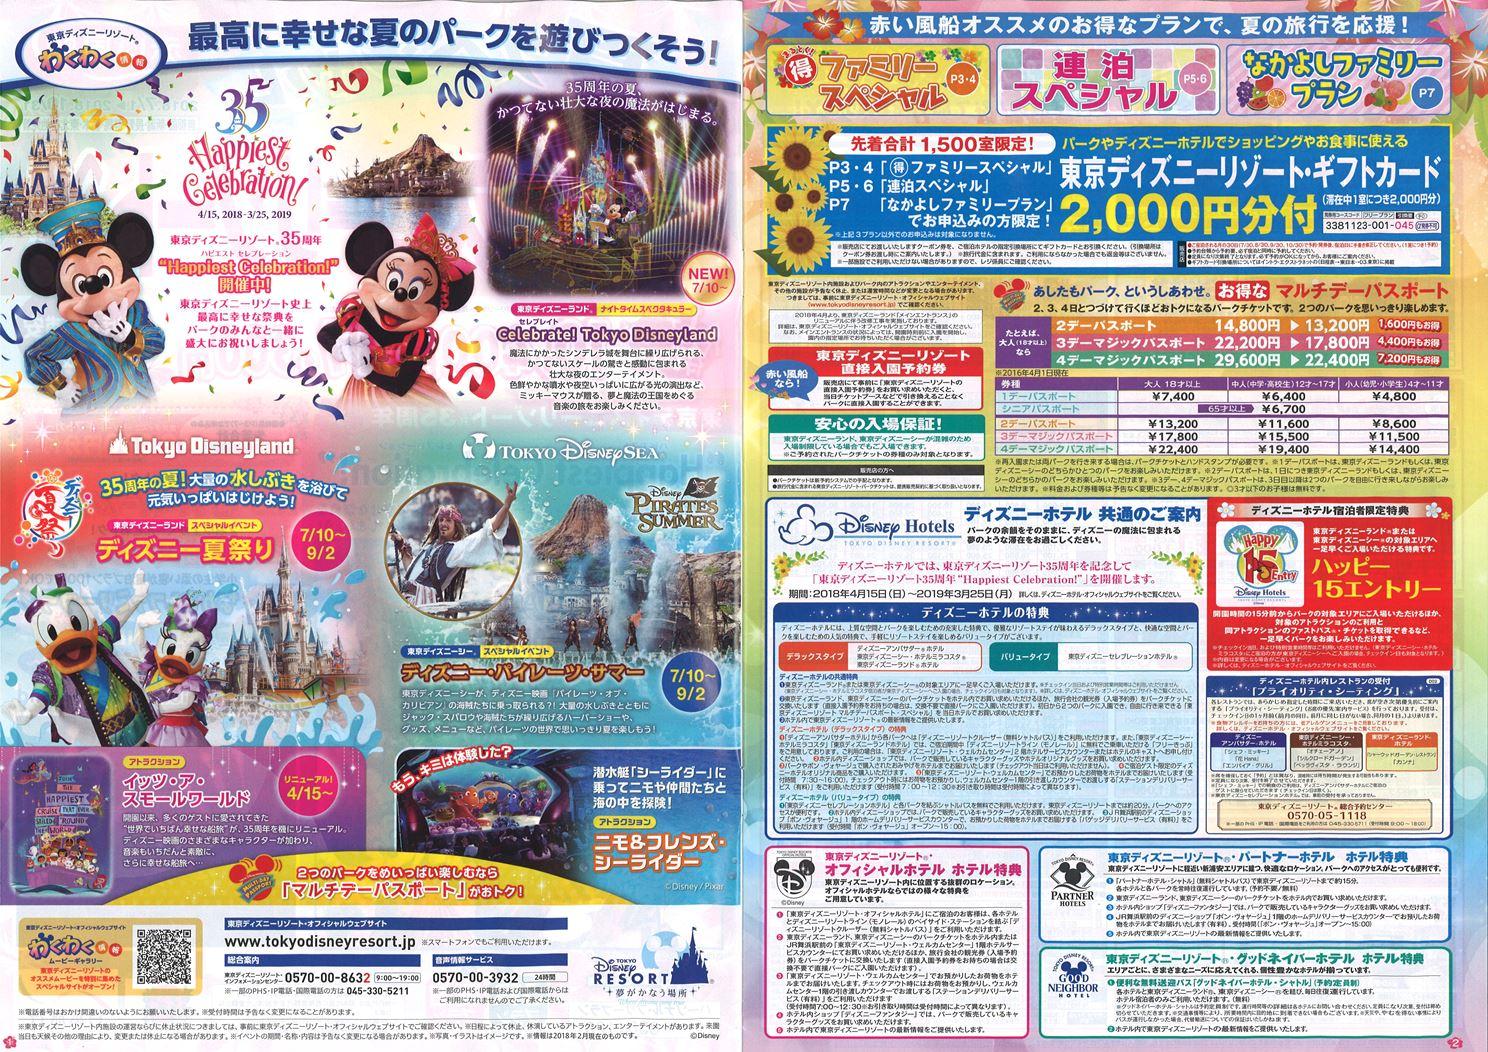 旅行・ツアー > 国内旅行 > 夏スペシャル 東京ディズニーリゾートへの旅